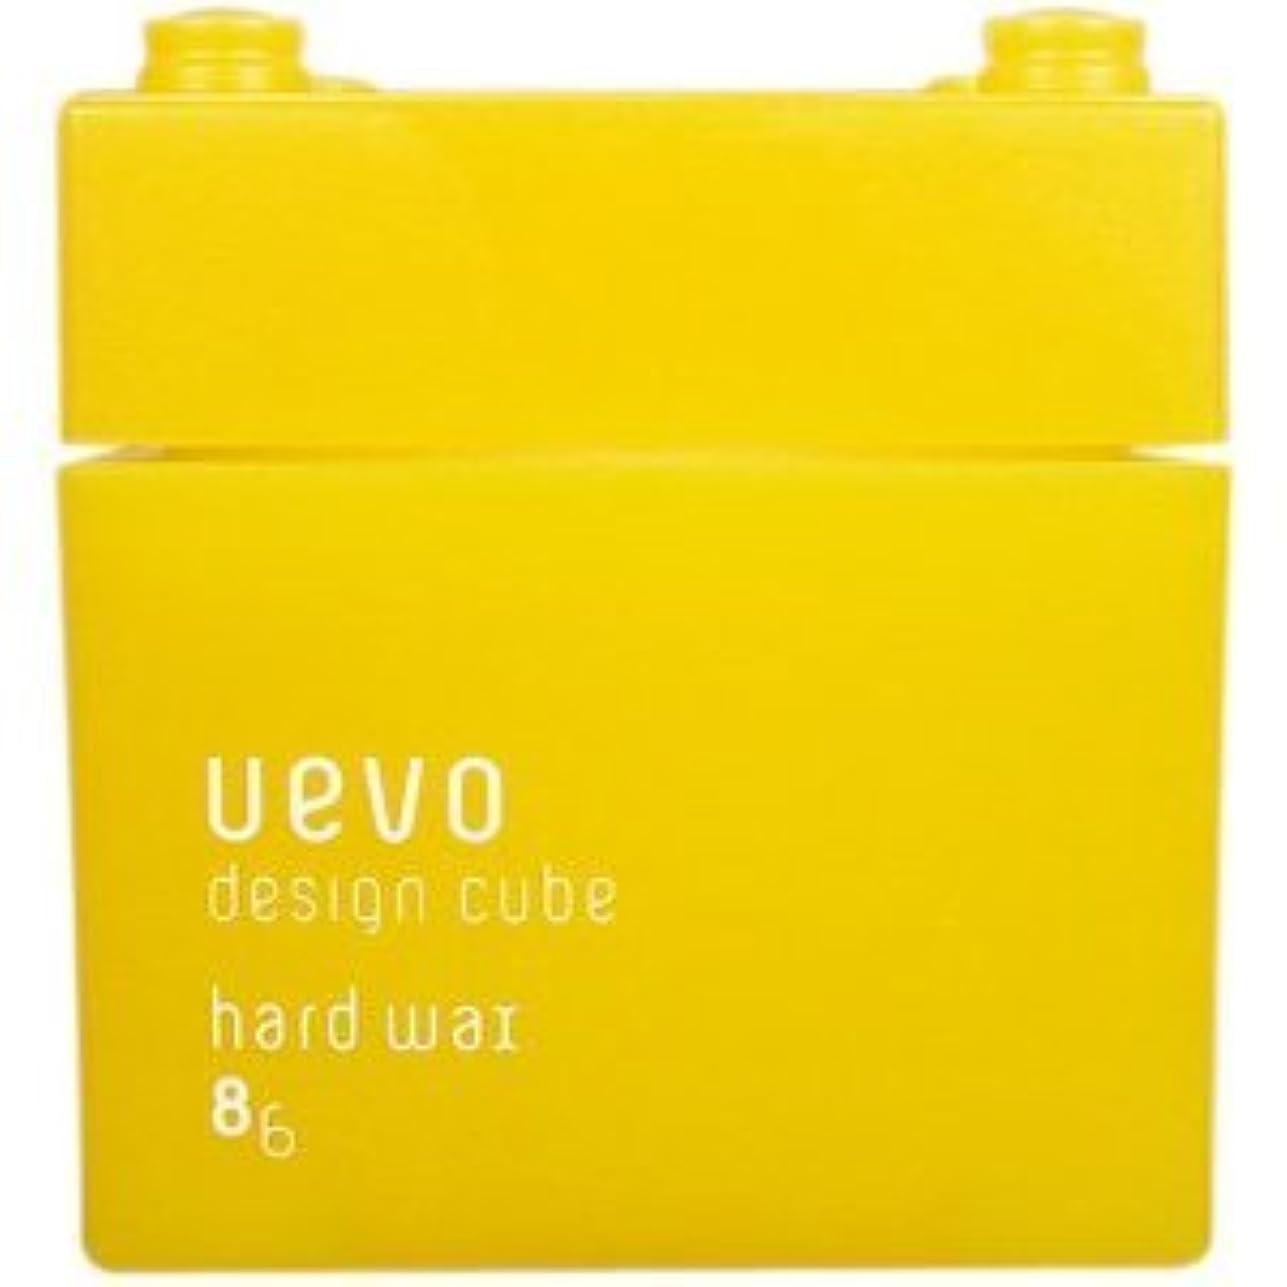 不信急性ブラシ【X3個セット】 デミ ウェーボ デザインキューブ ハードワックス 80g hard wax DEMI uevo design cube